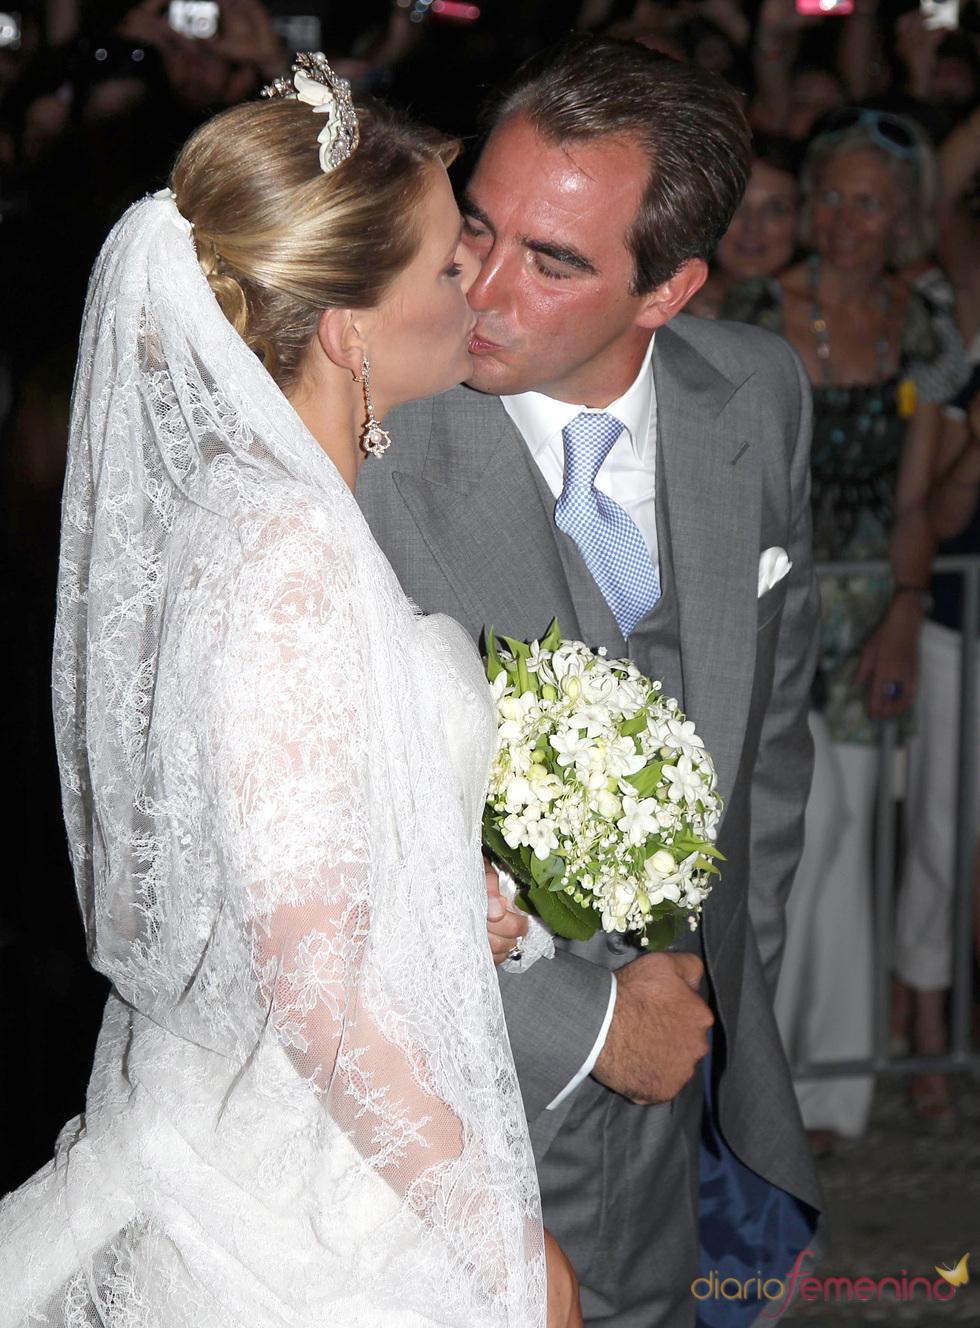 Beso de Nicolás de Grecia y Tatiana Blatnik después de la boda